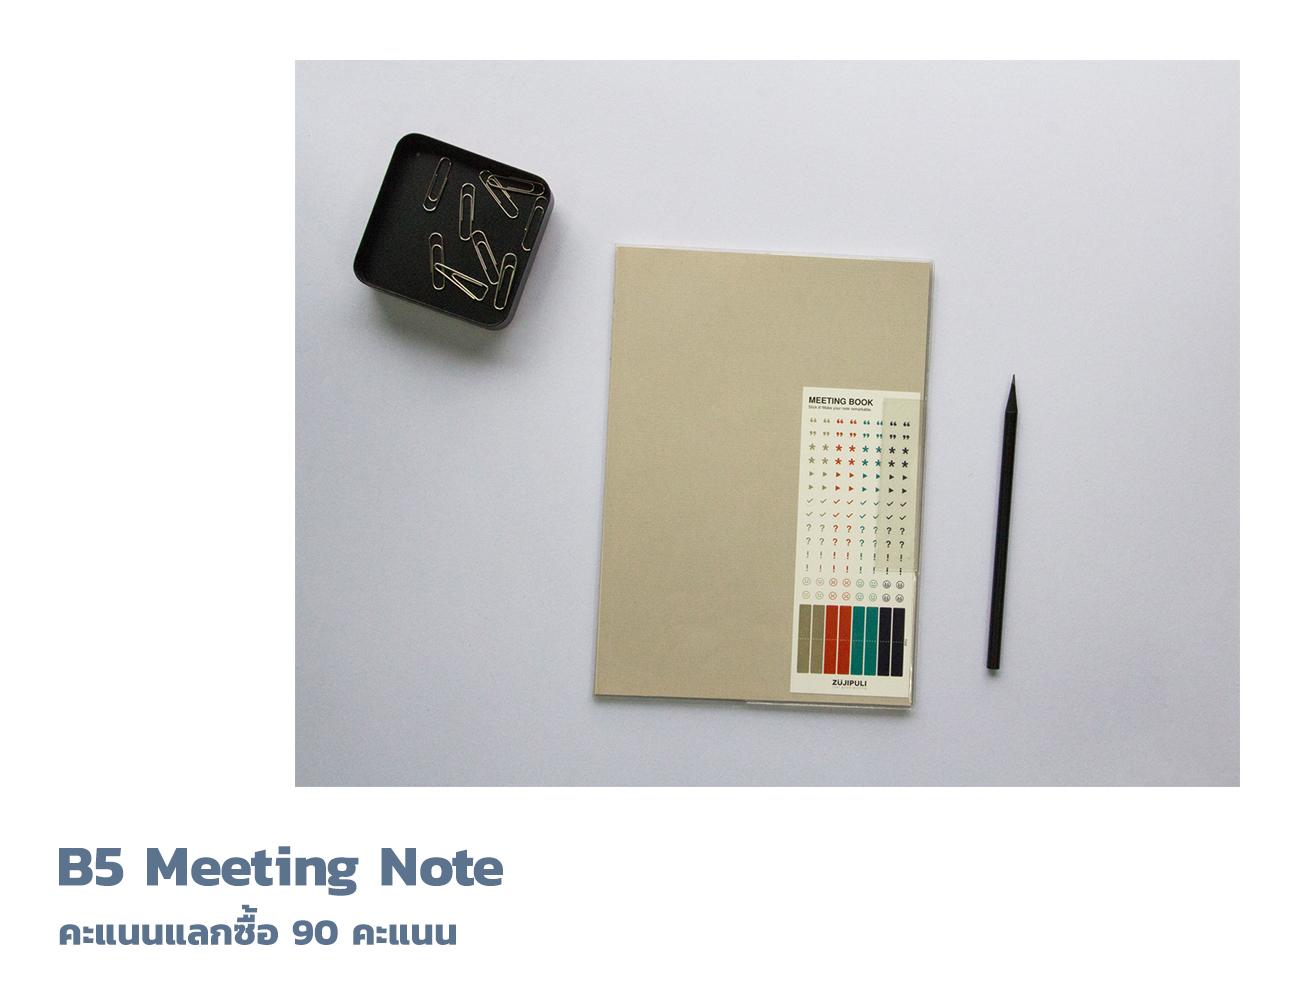 B5 Meeting Note